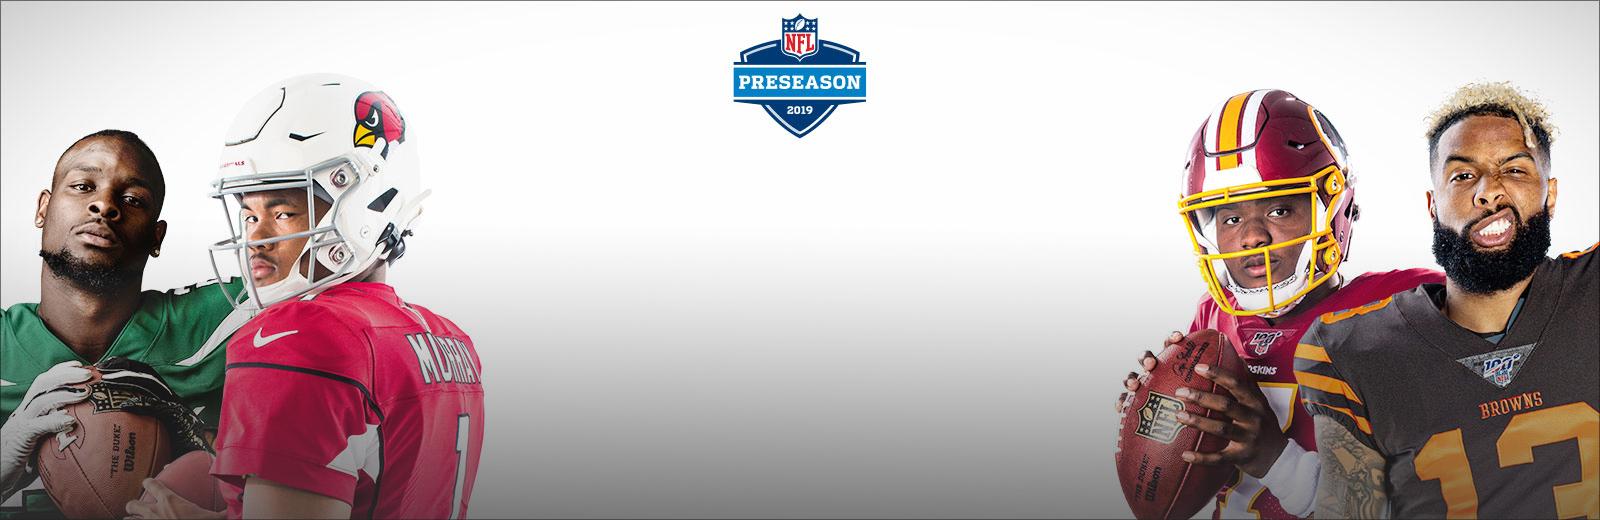 NFL Network Live TV GRATIS (sin tarjetas)